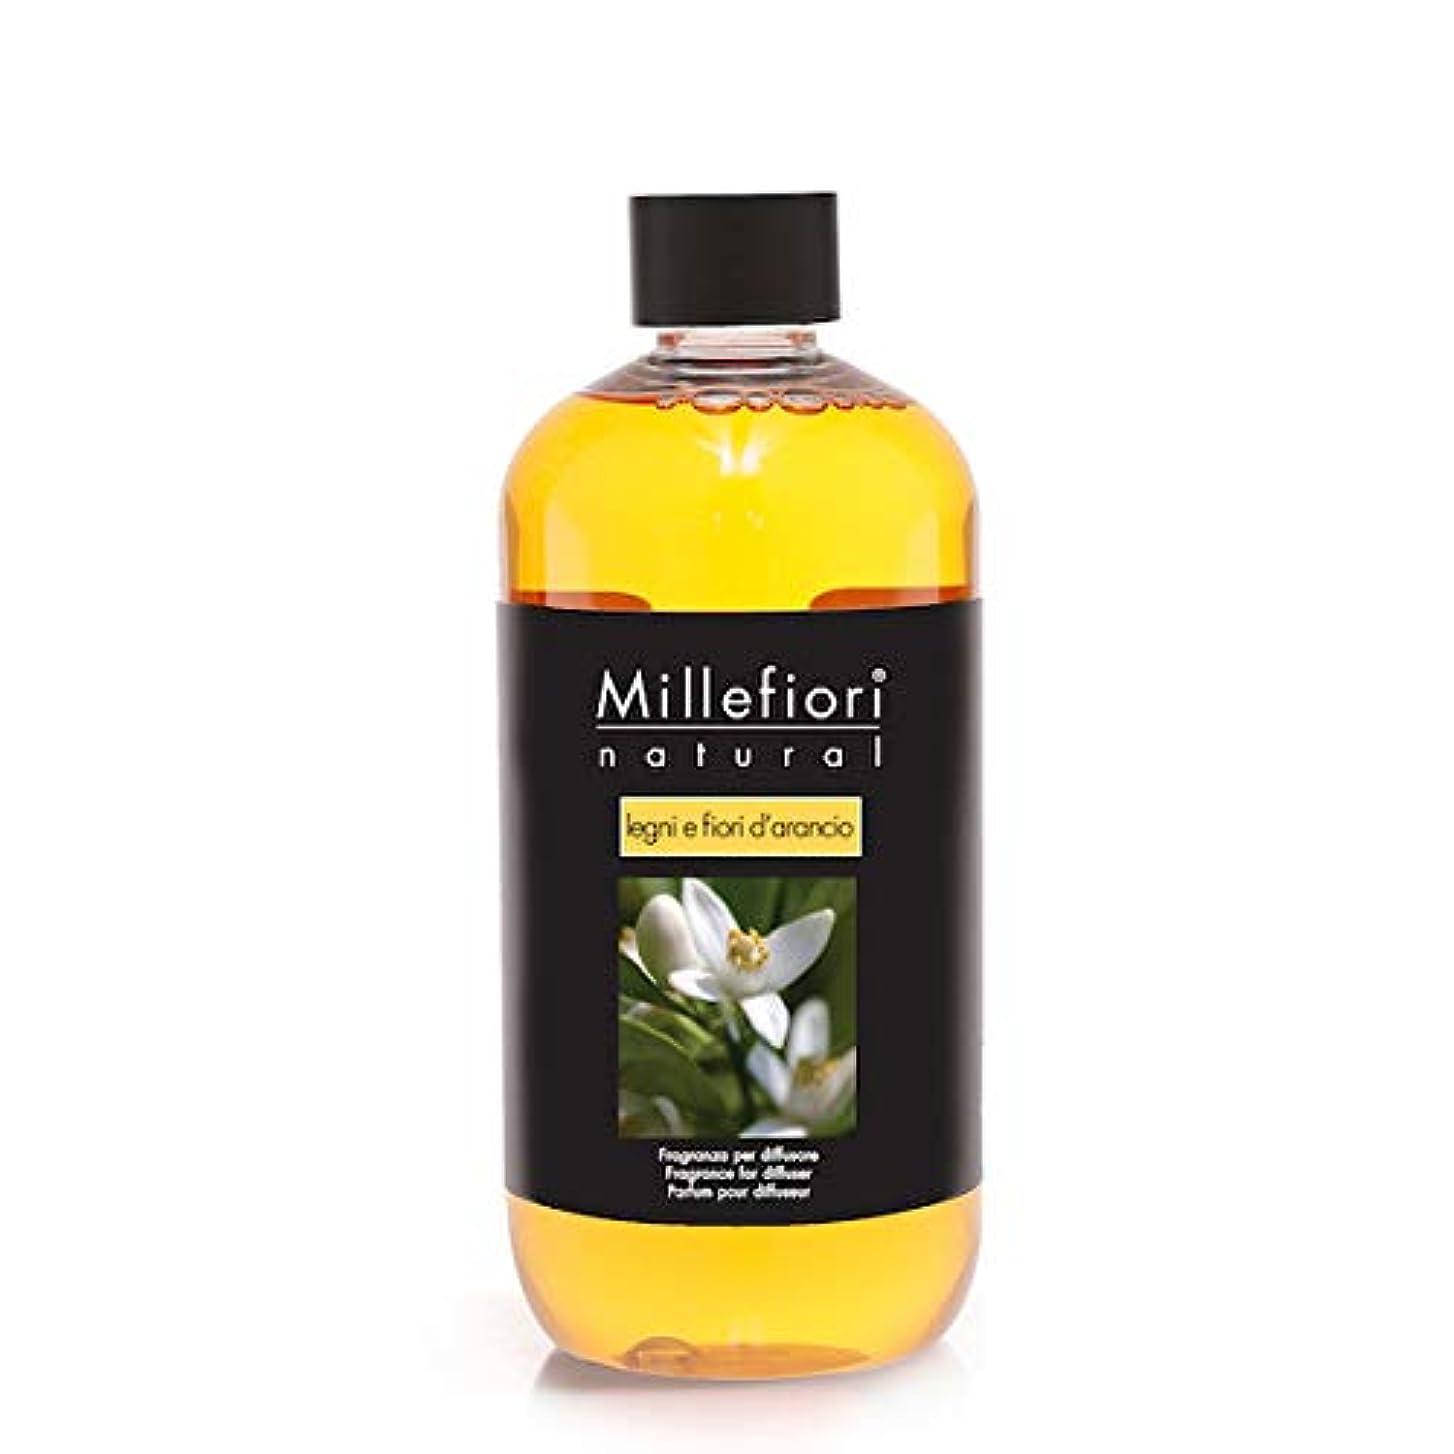 夢関税魅了するミッレフィオーリ(Millefiori) Natural レンニ エ フィオル ダランチョ(LEGNI E FIORE D'ARANCIO) 交換用リフィル500ml [並行輸入品]